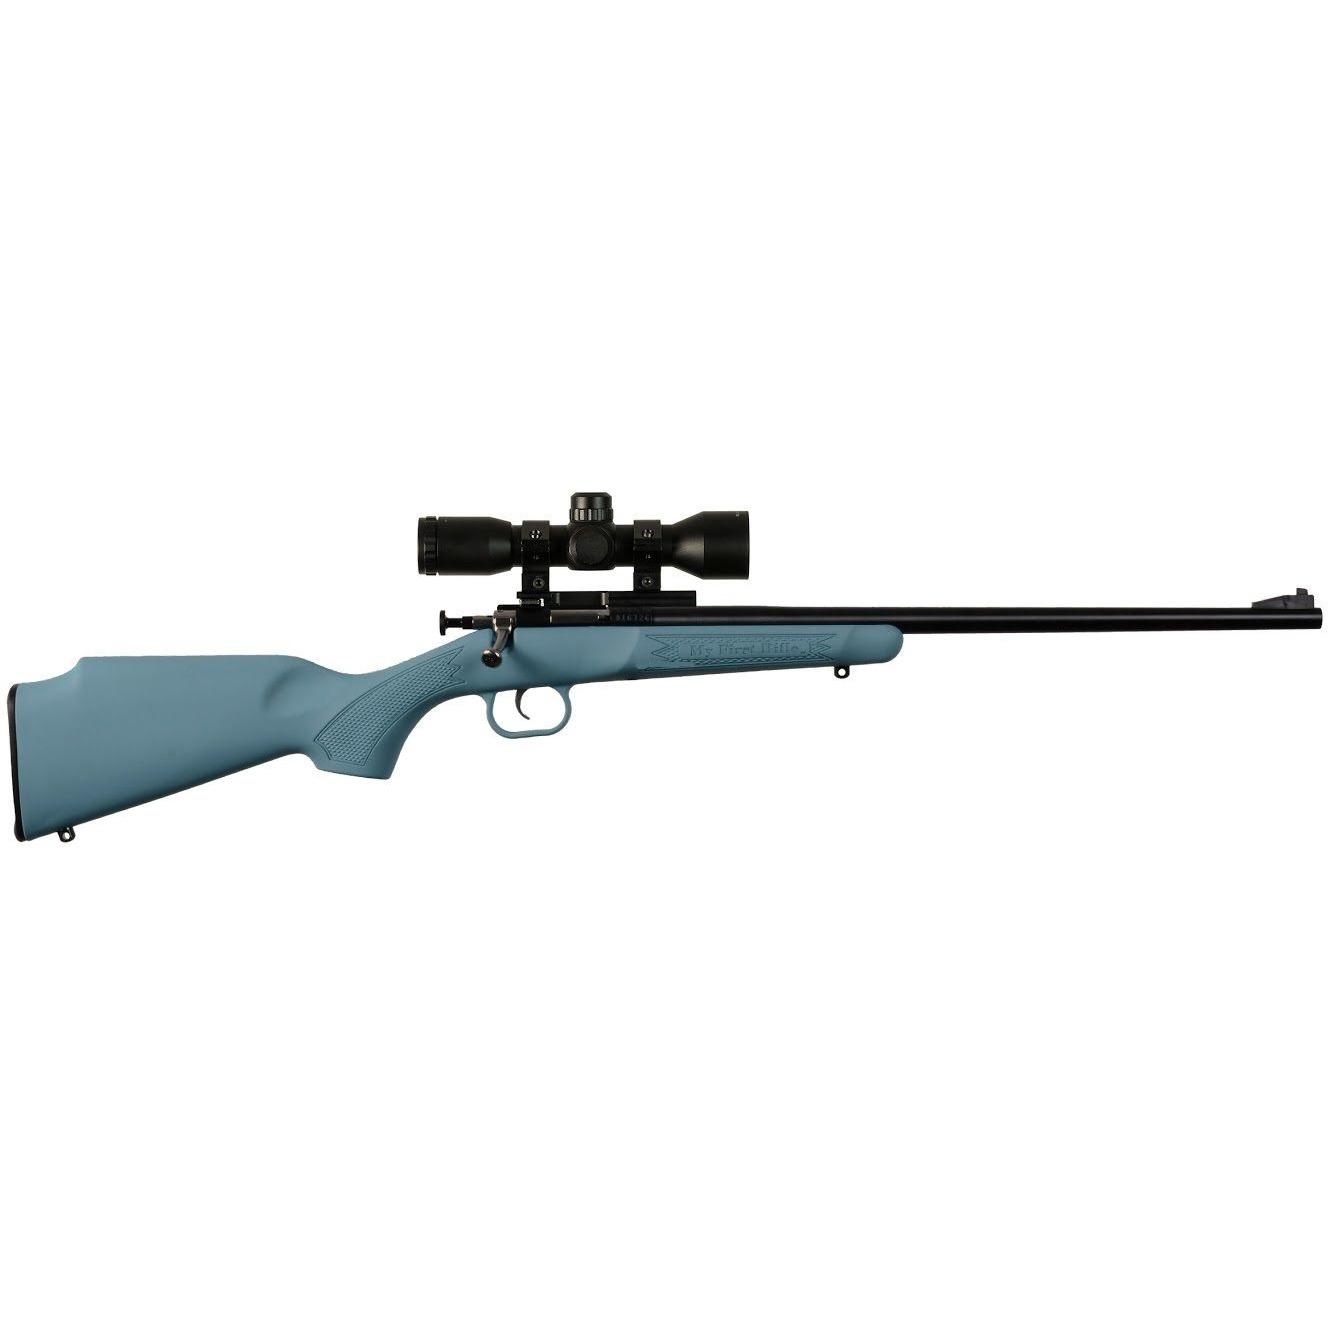 Keystone Keystone Crickett Youth Rifle 22LR w/ Scope